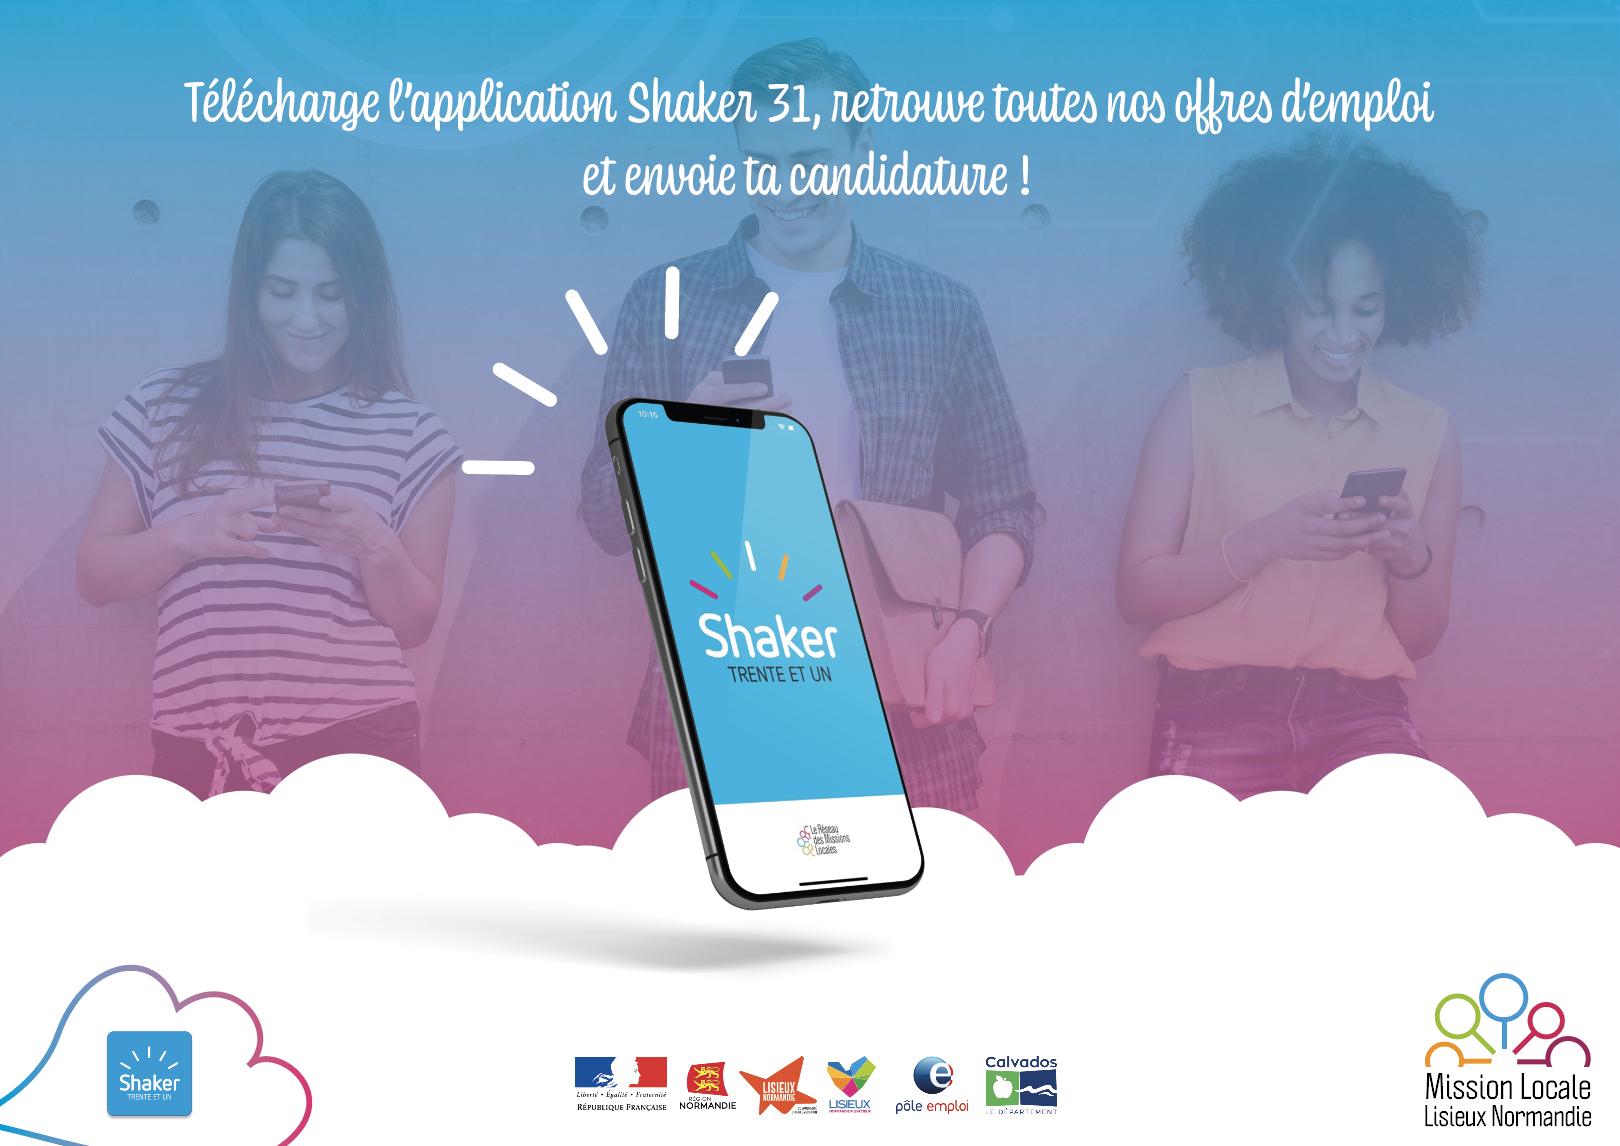 Application Shaker31, retrouve toutes nos offres d'emploi et envoie ta candidature.